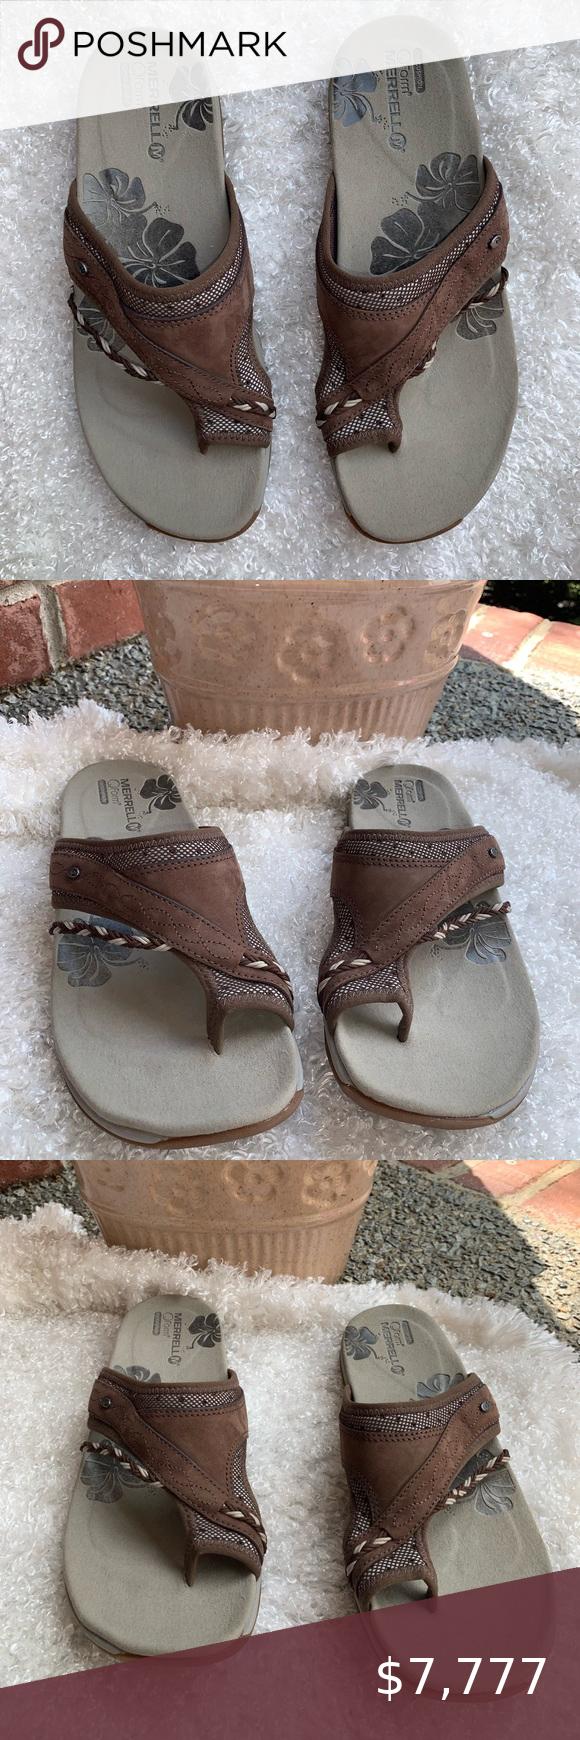 Merrell QForm Air Cushion Sandals in